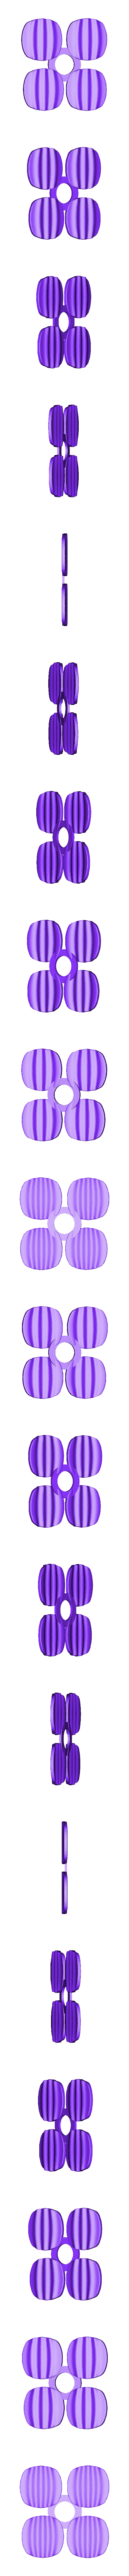 3.pepinillo.stl Télécharger fichier STL gratuit Cangreburguer • Objet pour impression 3D, Aslan3d